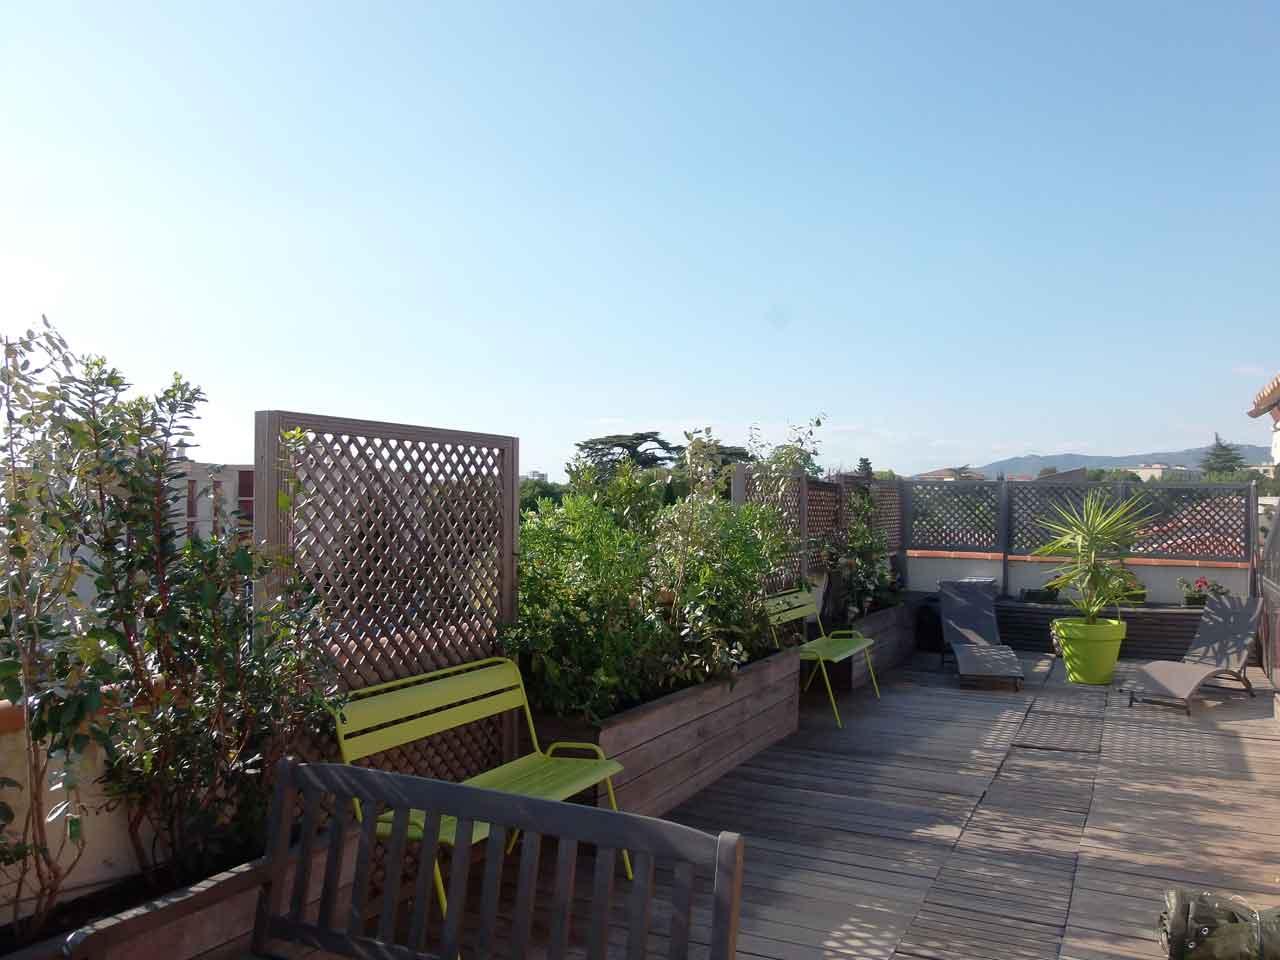 paysagiste marseille lulu jardine. Black Bedroom Furniture Sets. Home Design Ideas